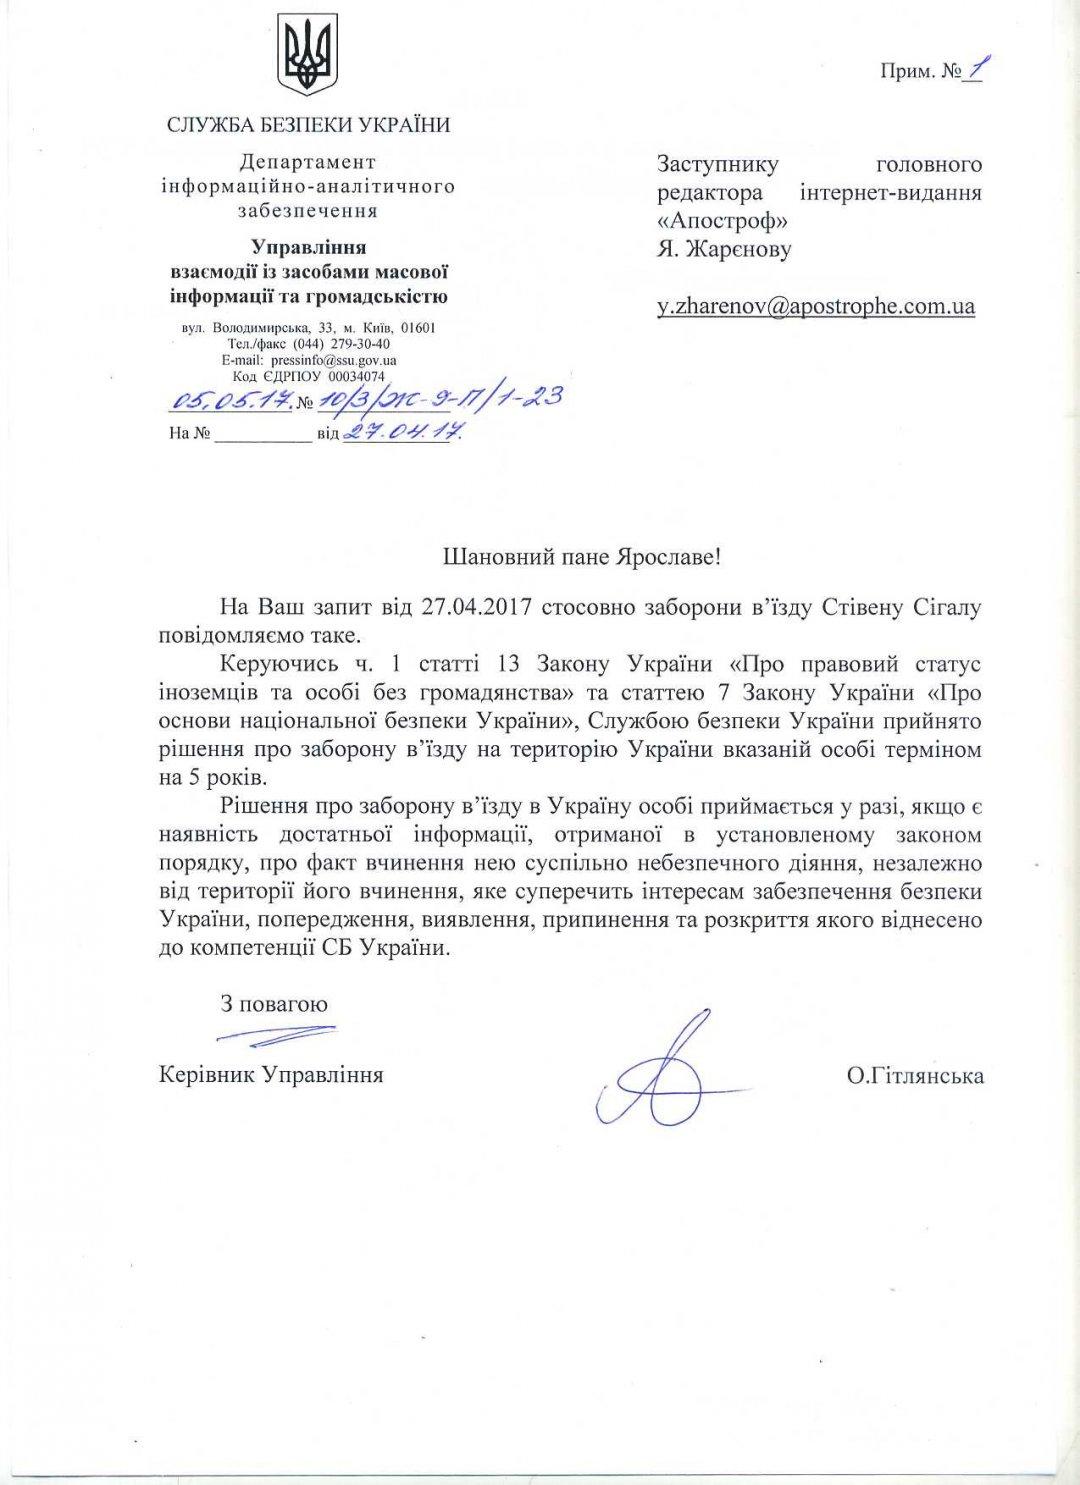 СБУ заборонила Стівену Сігалу в'їзд до України на 5 років